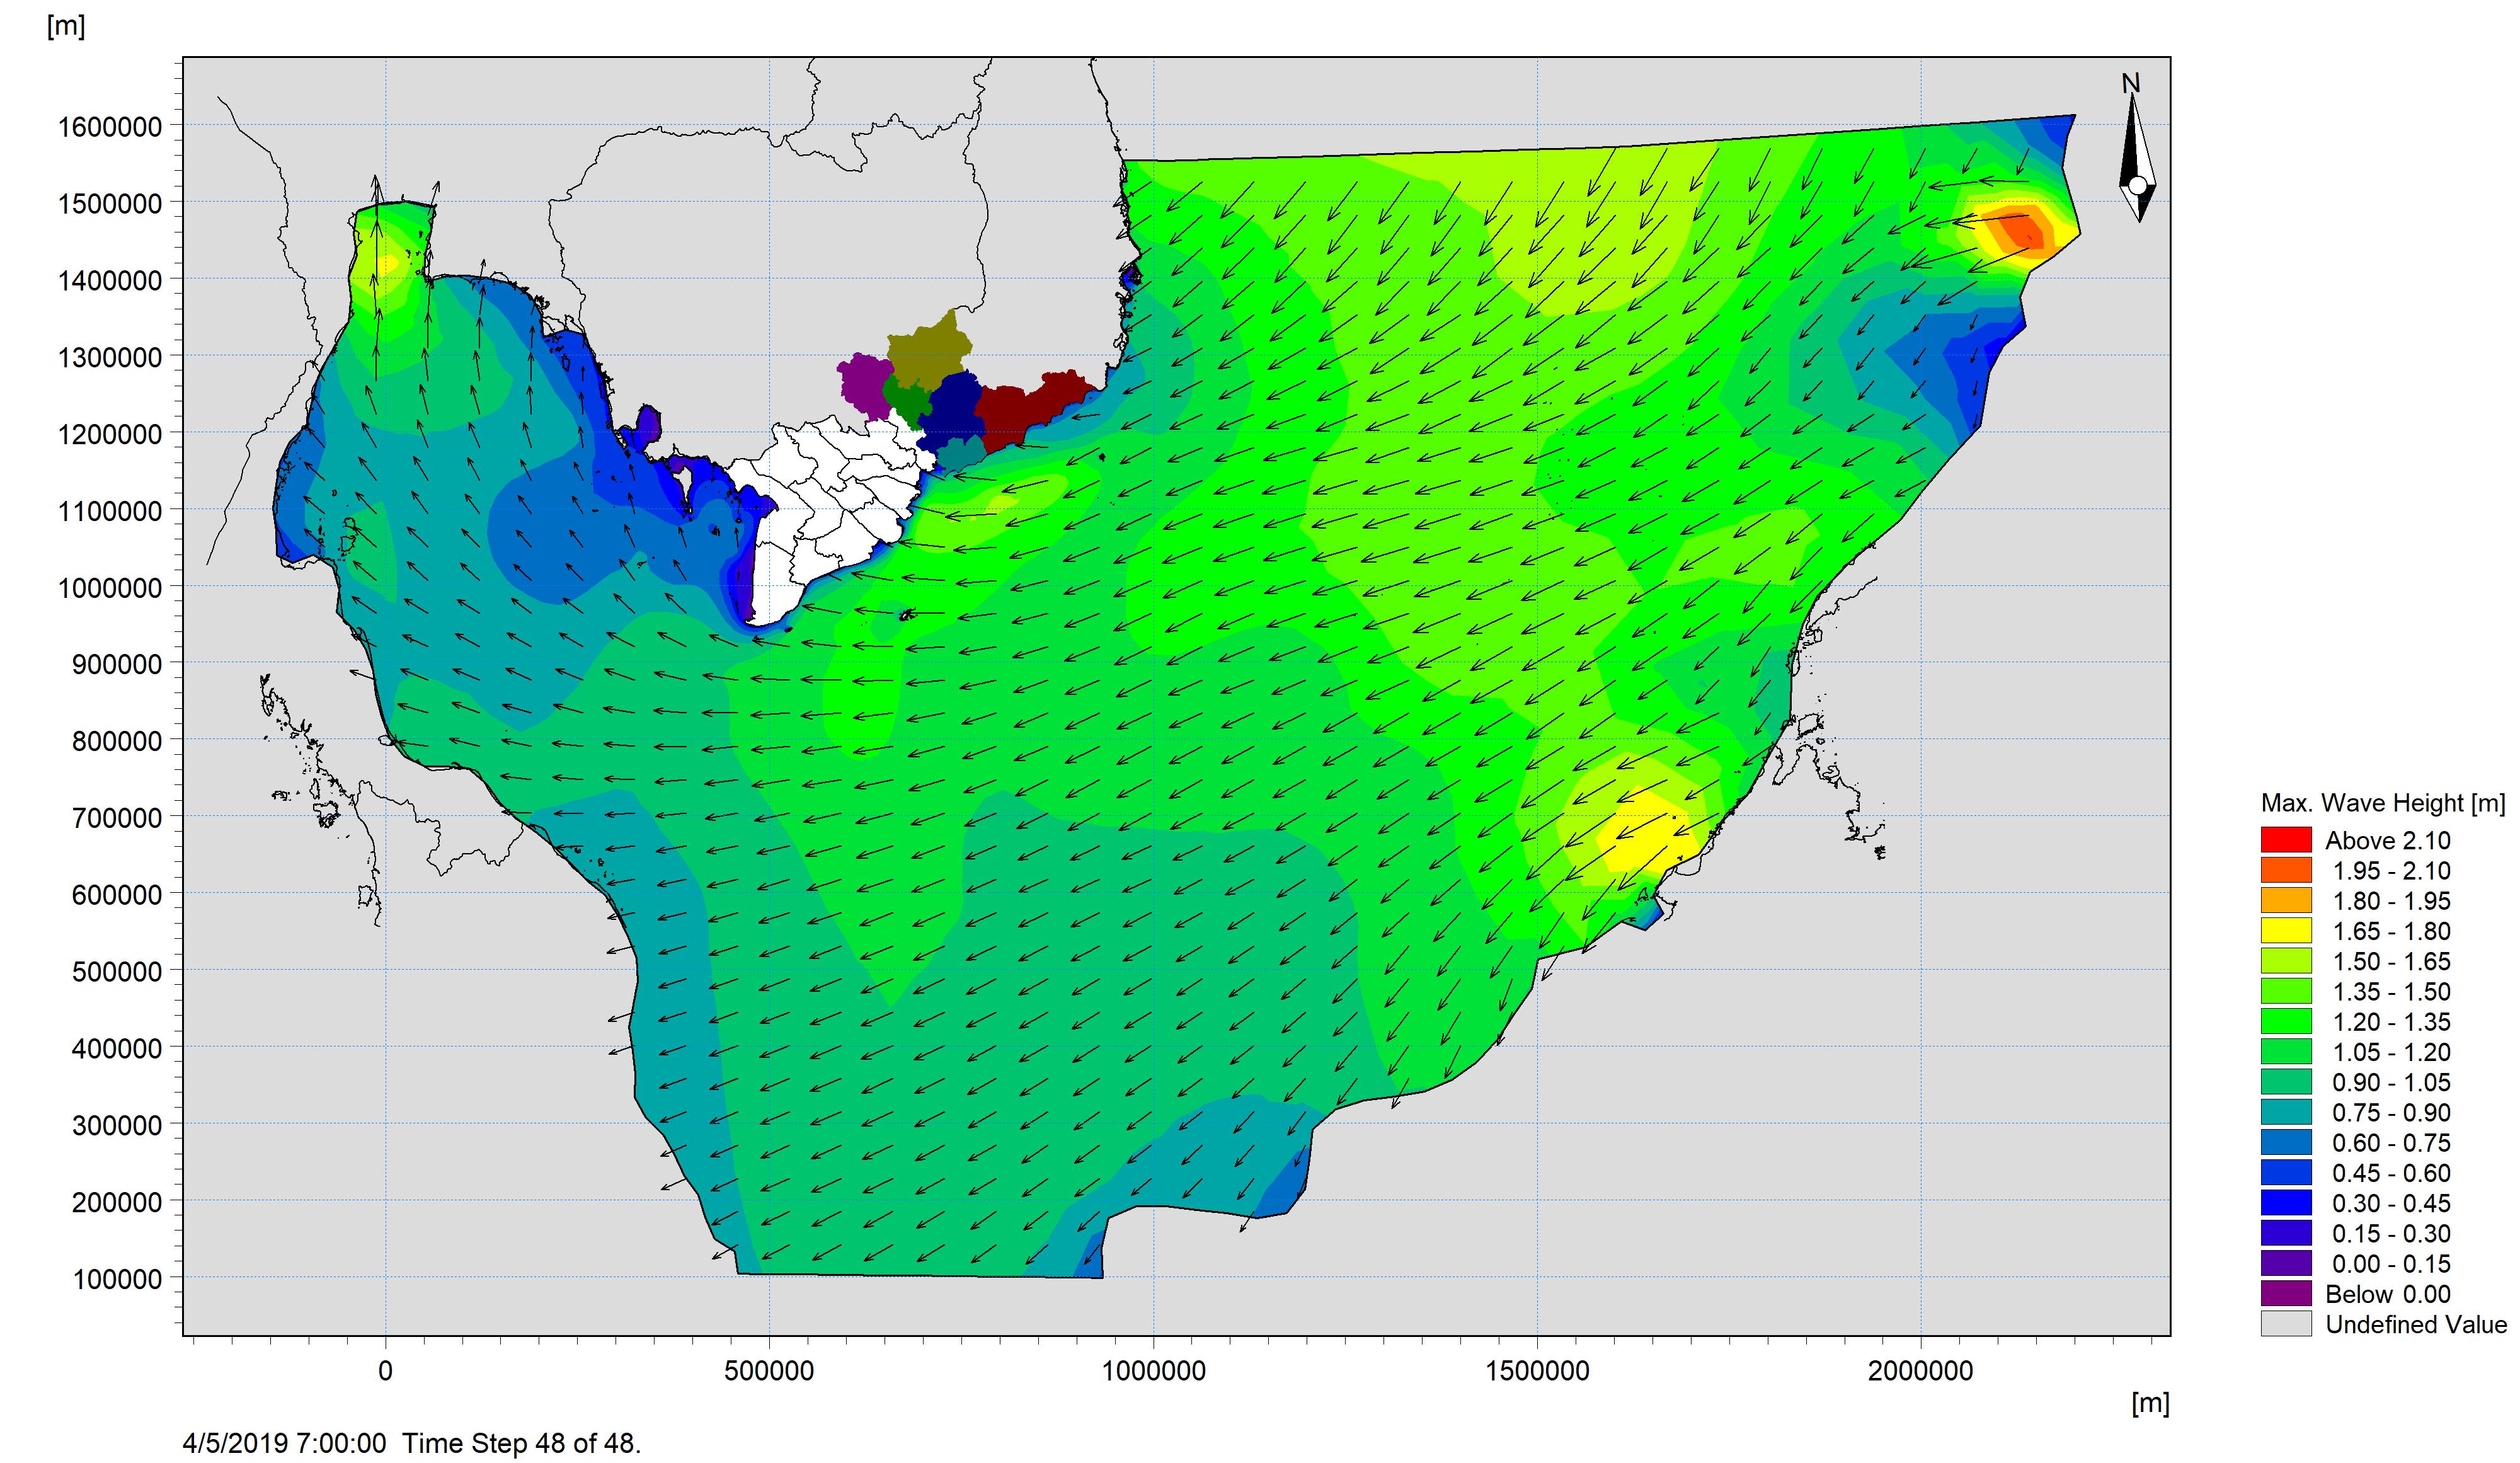 Bản tin dự báo sóng khu vực Nam Bộ từ ngày 03-04-2019 đến ngày 05-04-2019